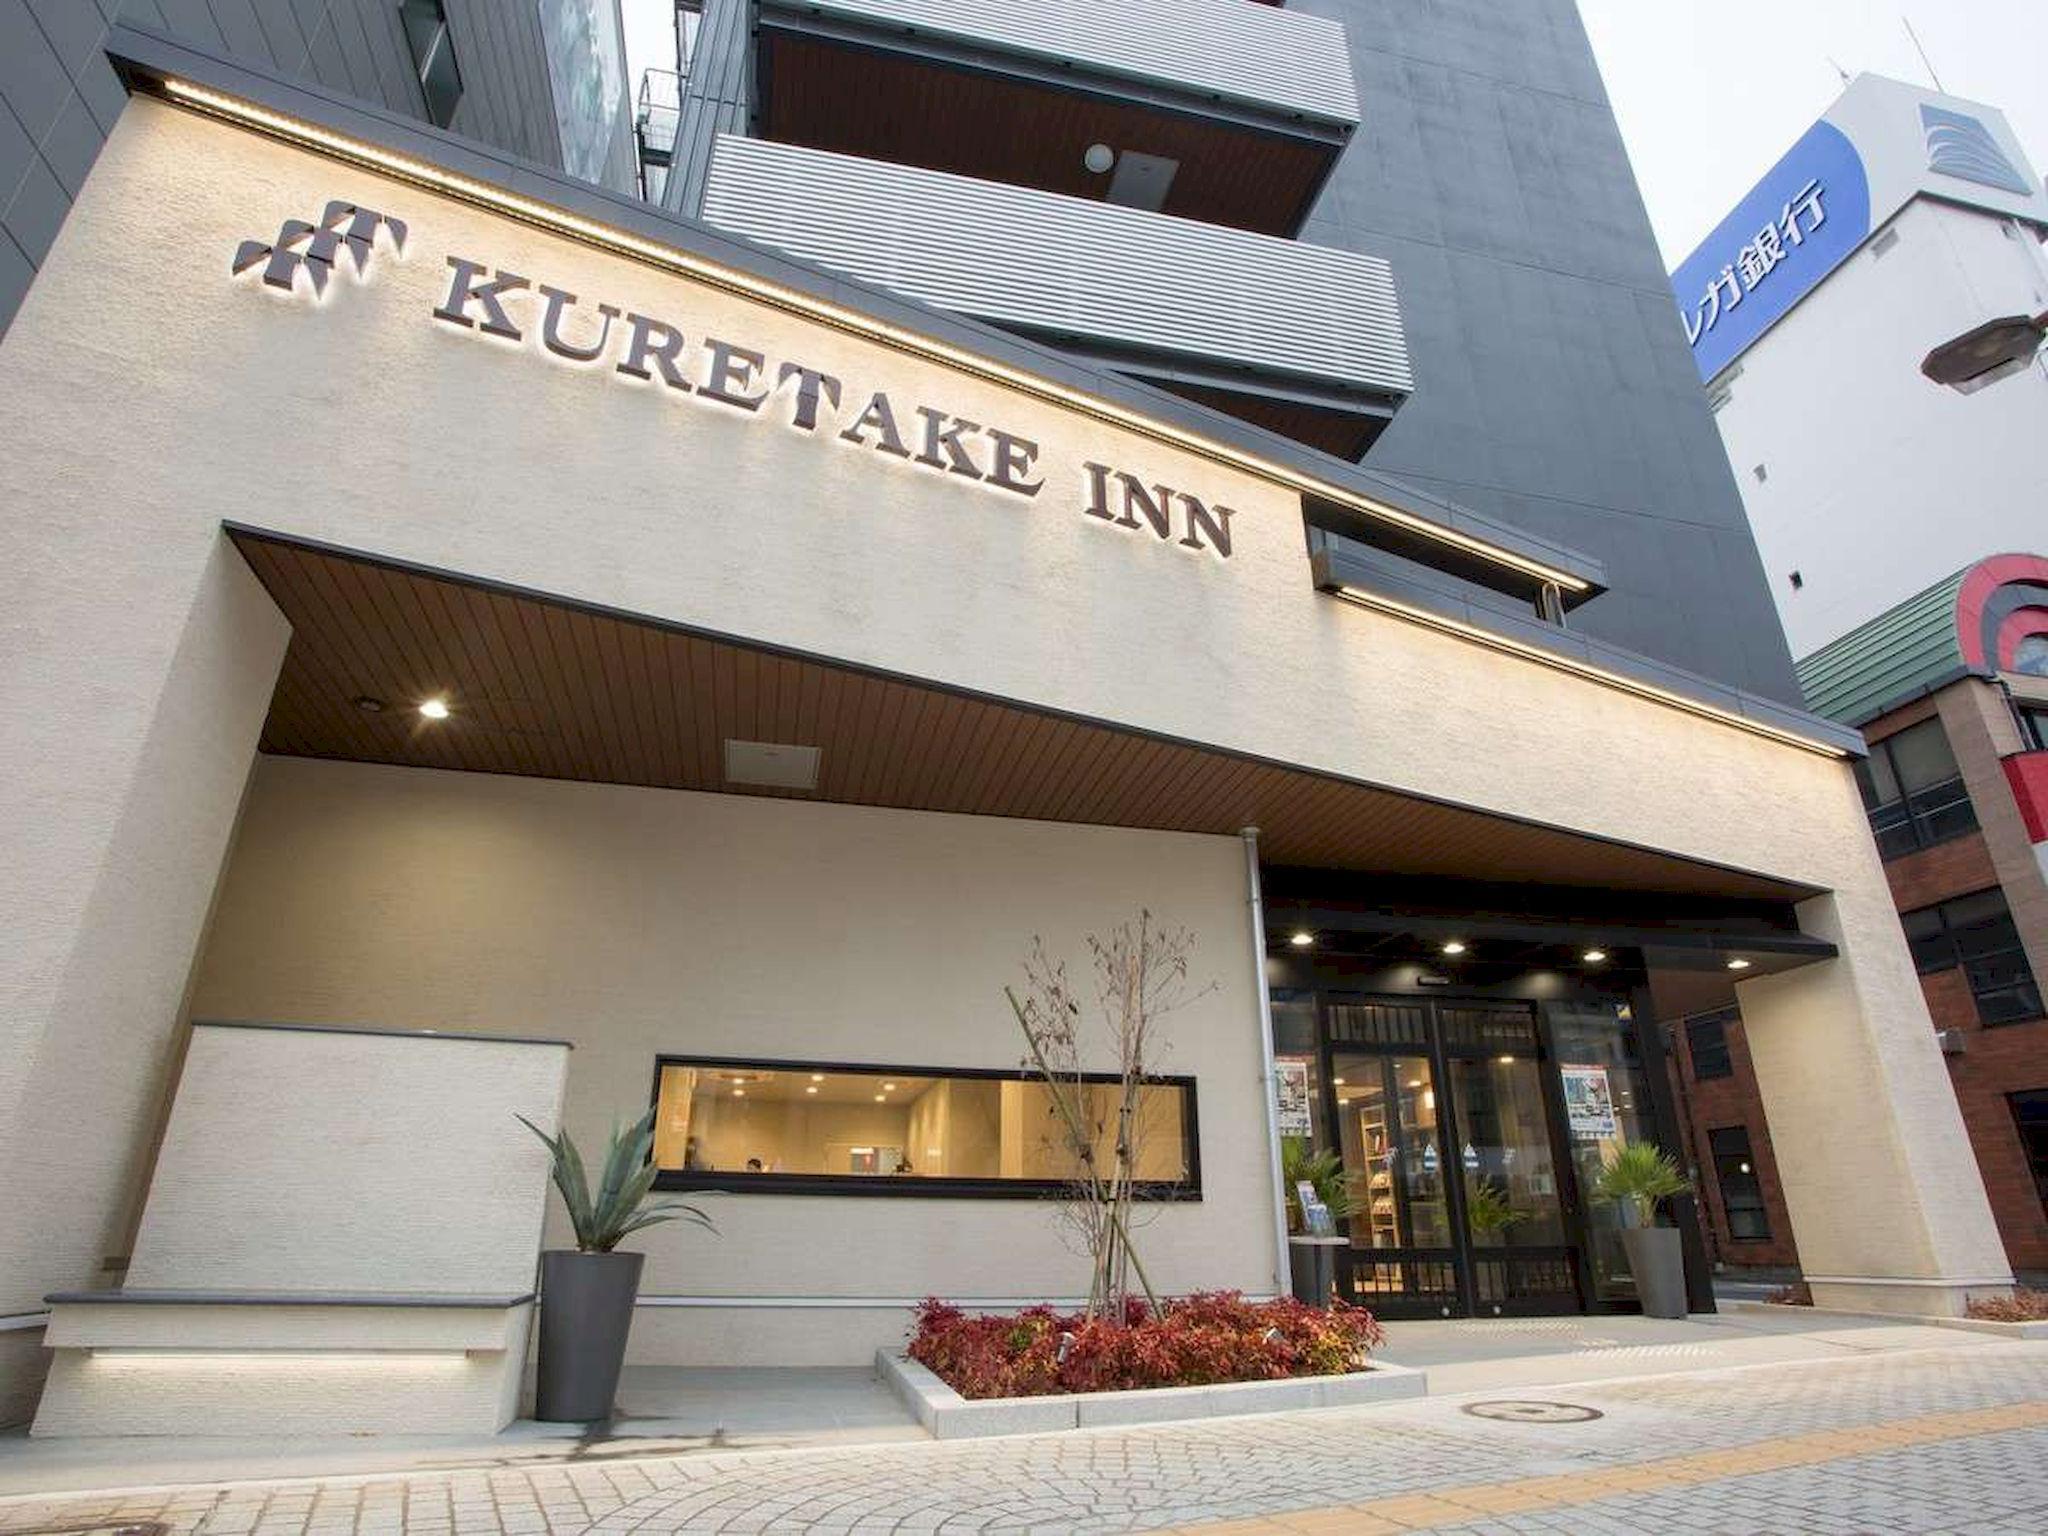 Kuretake Inn Hamamatsuekiminamiguchi Premium